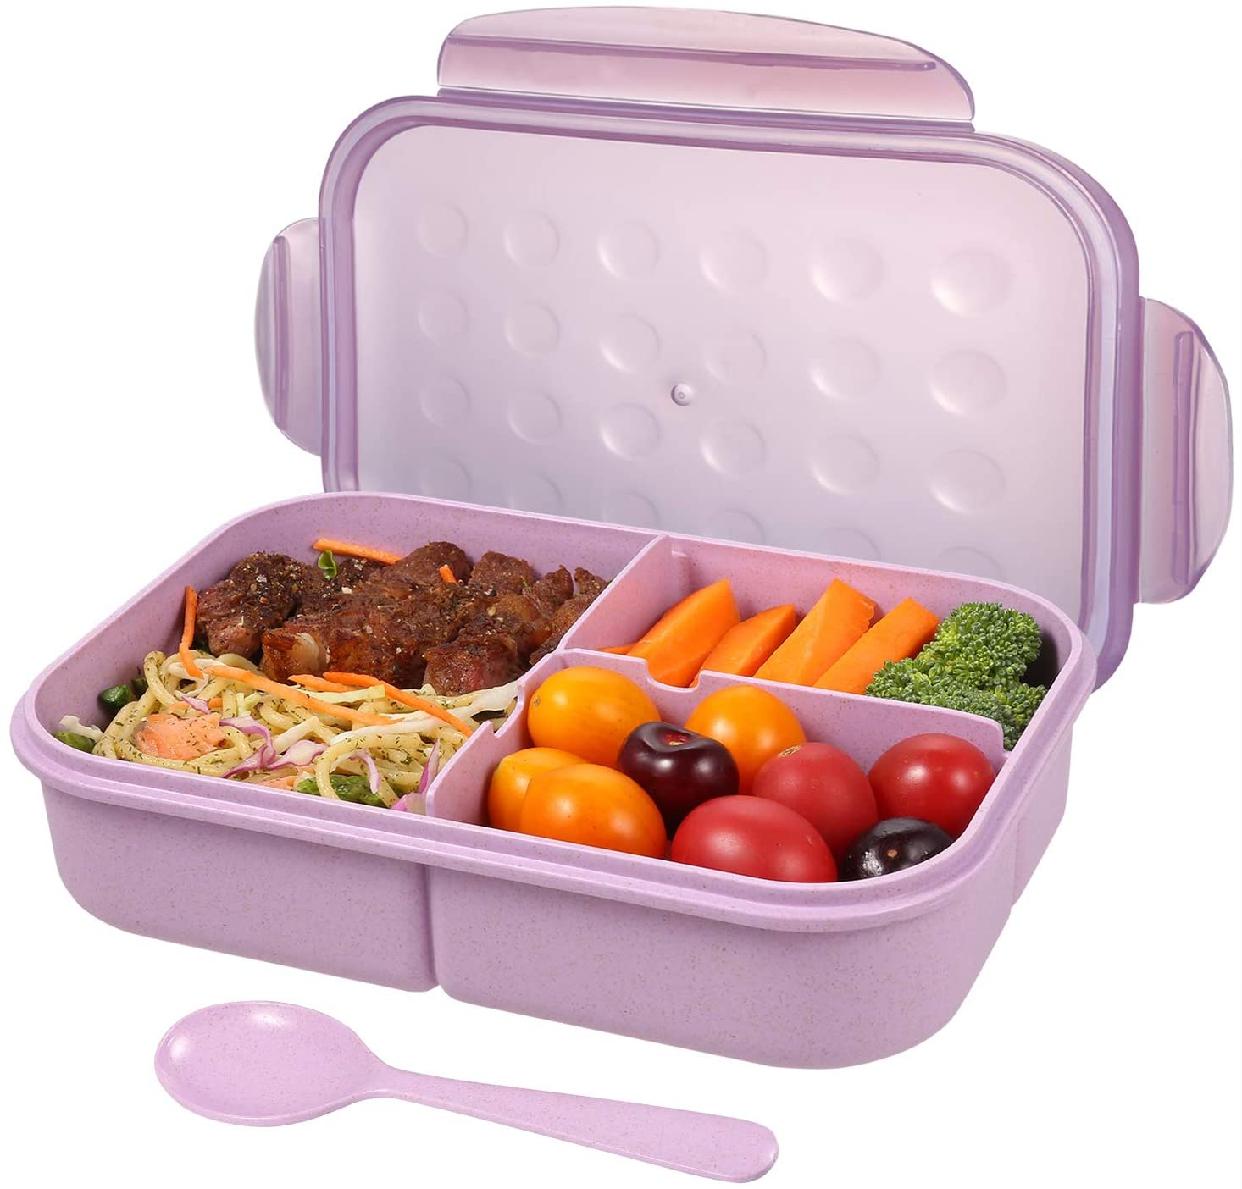 Jeopace(ジェオパス) 弁当箱の商品画像